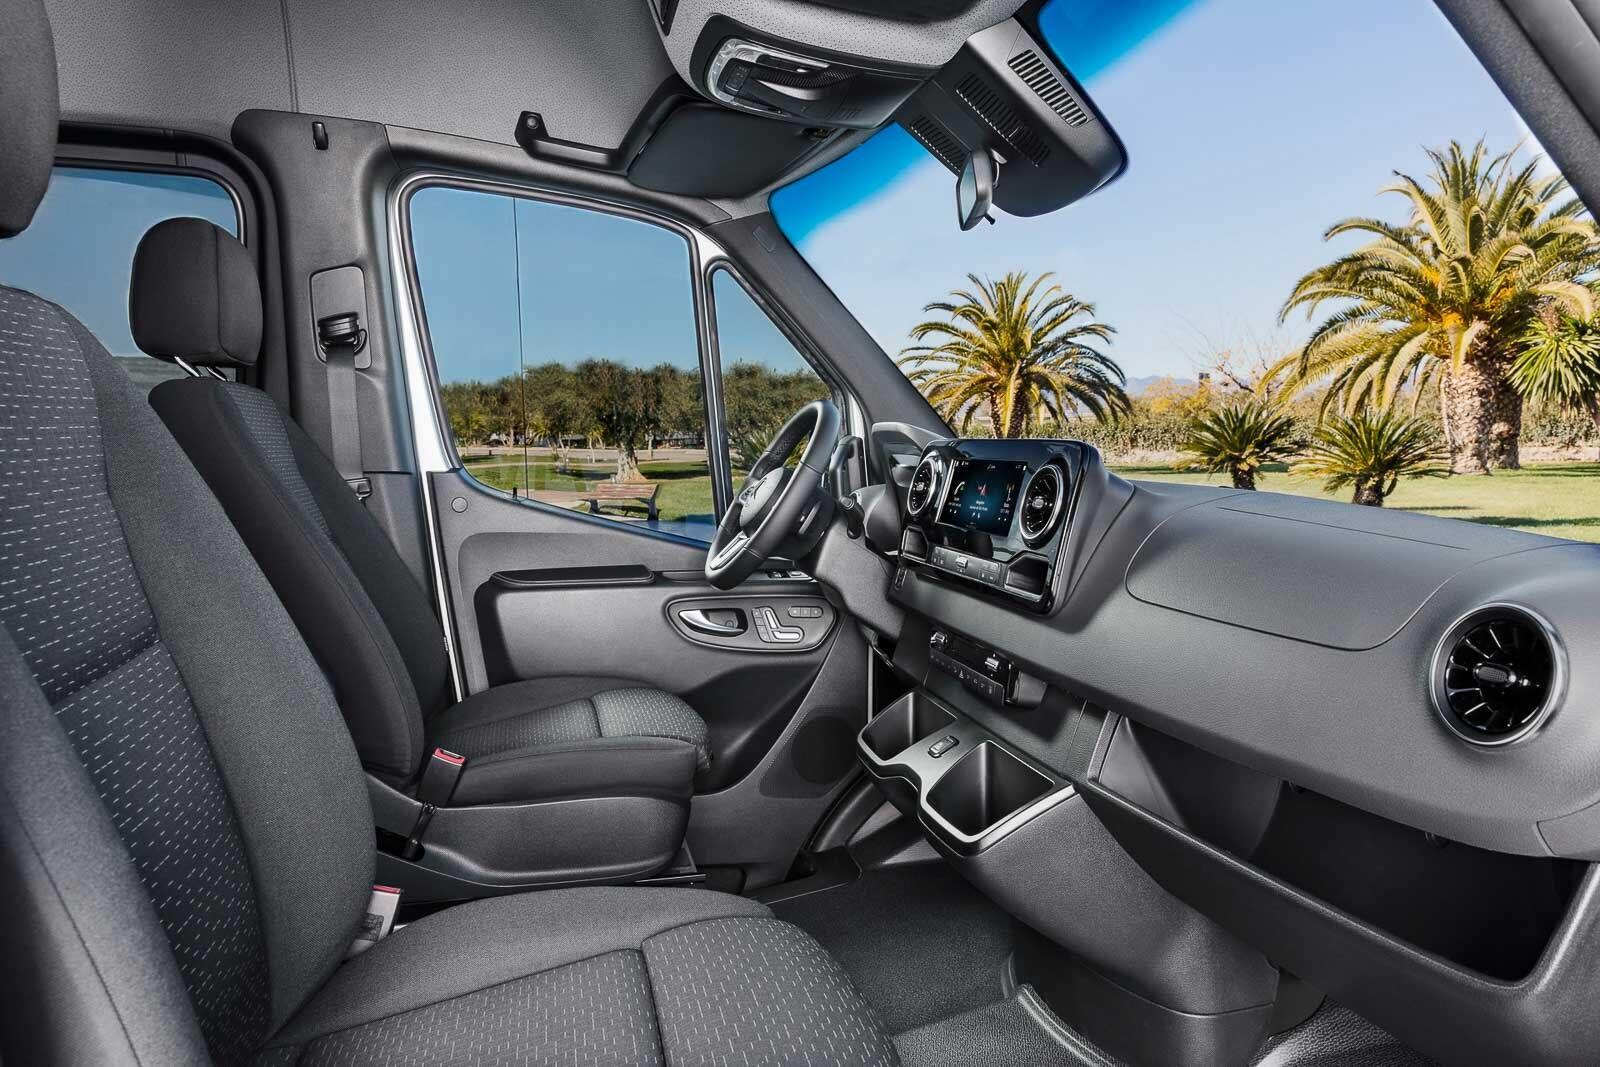 Mercedes-Benz Sprinter 2018 chính thức ra mắt: cỗ máy công nghệ và kết nối - Hình 18